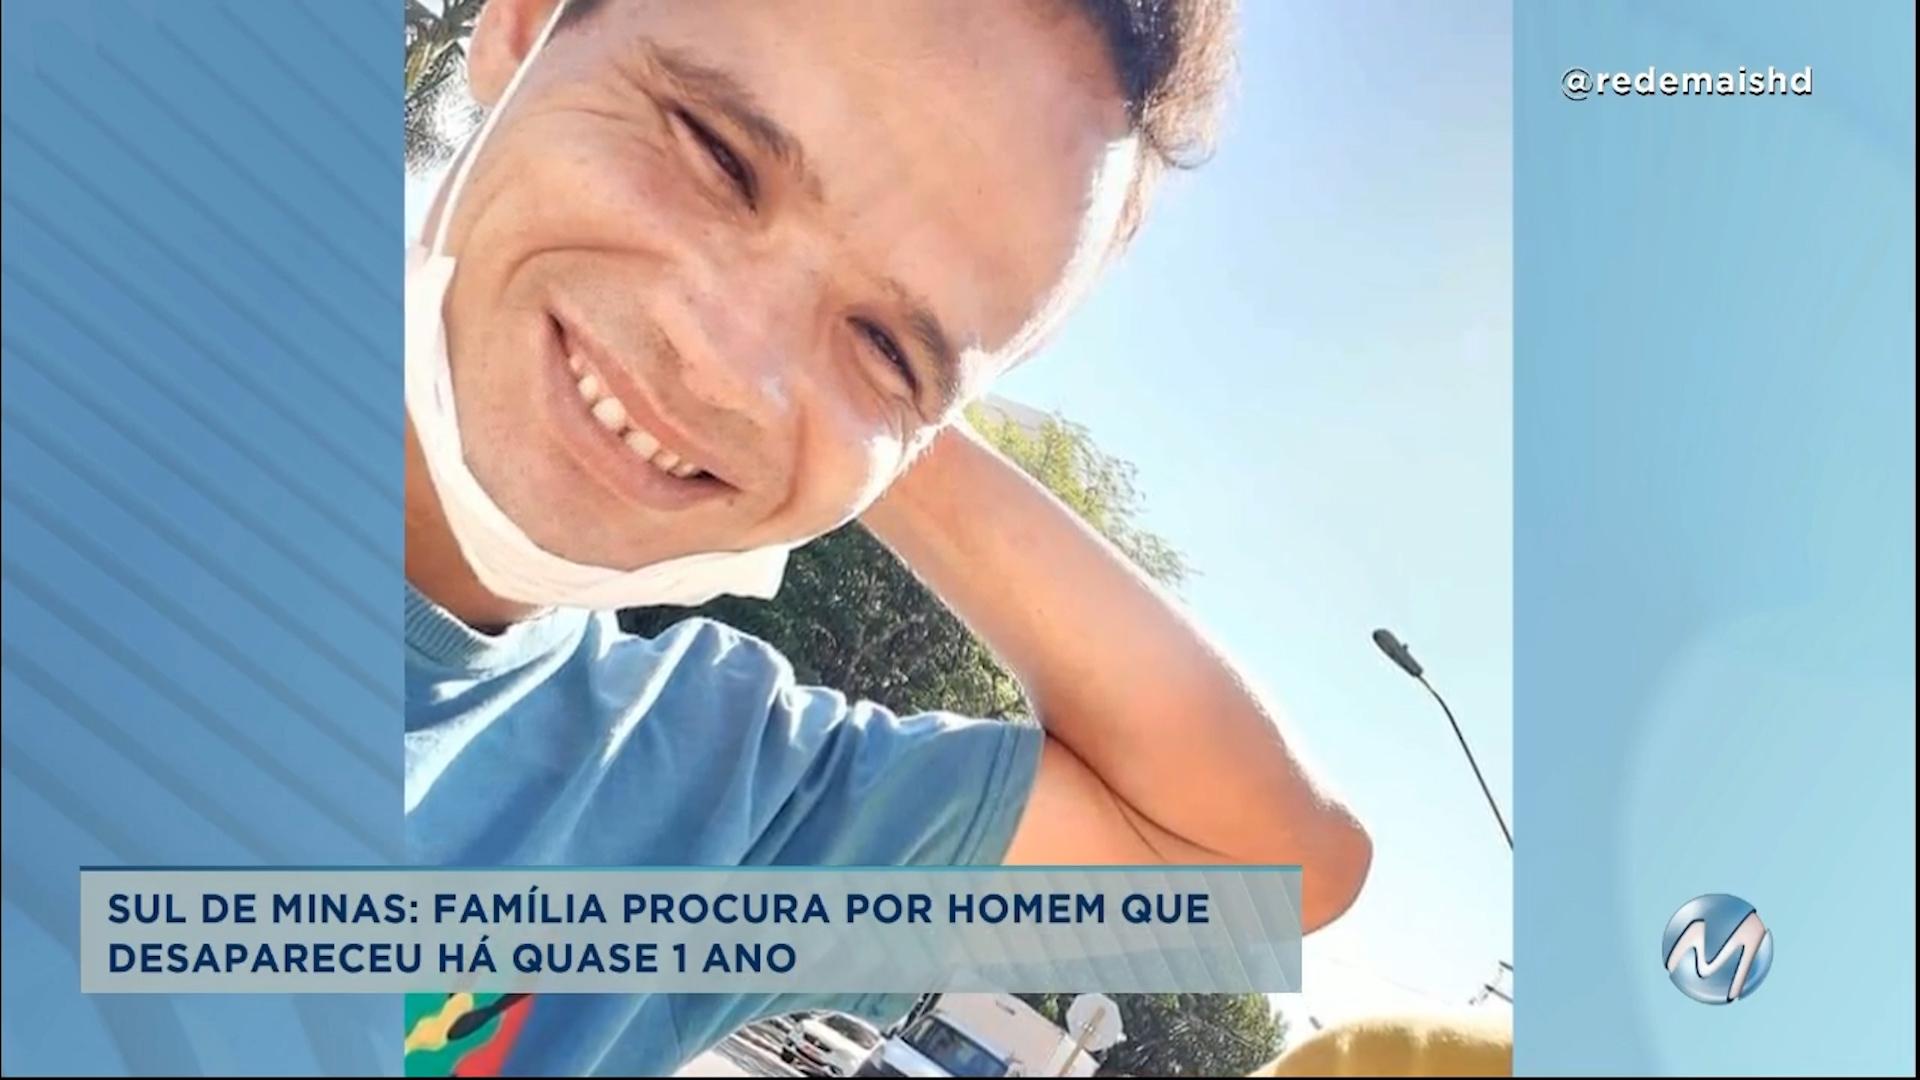 Família procura por homem que desapareceu em Itajubá